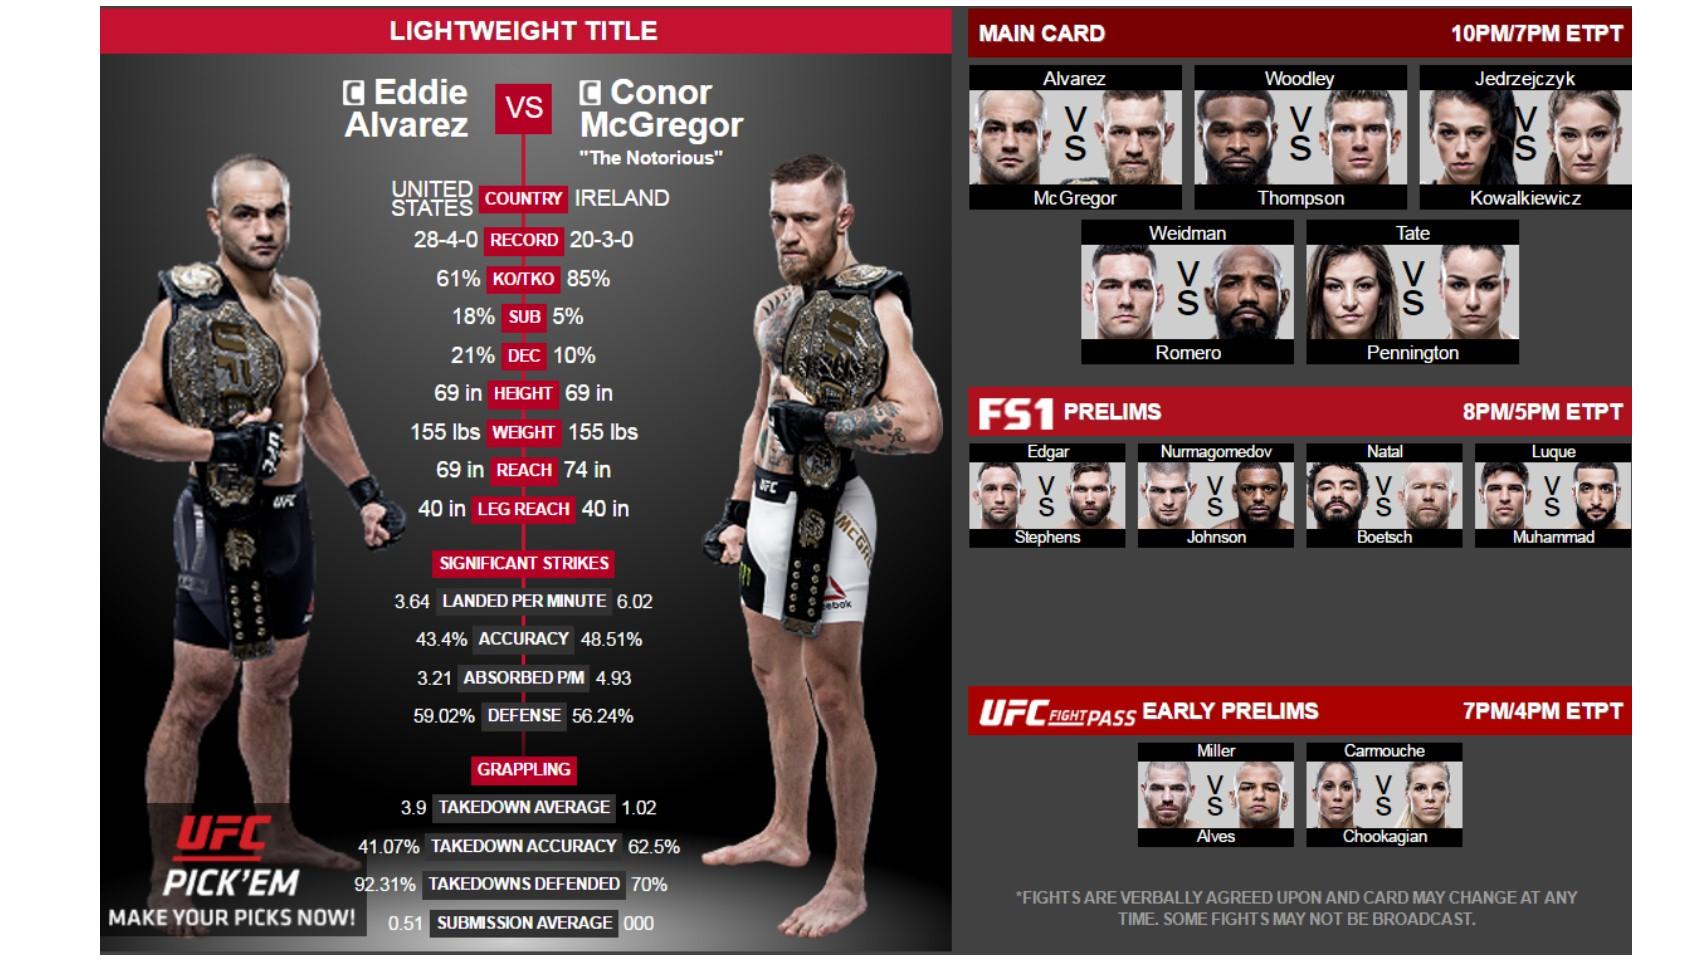 Alvarez vs. McGregor | UFC in NYC at MSG